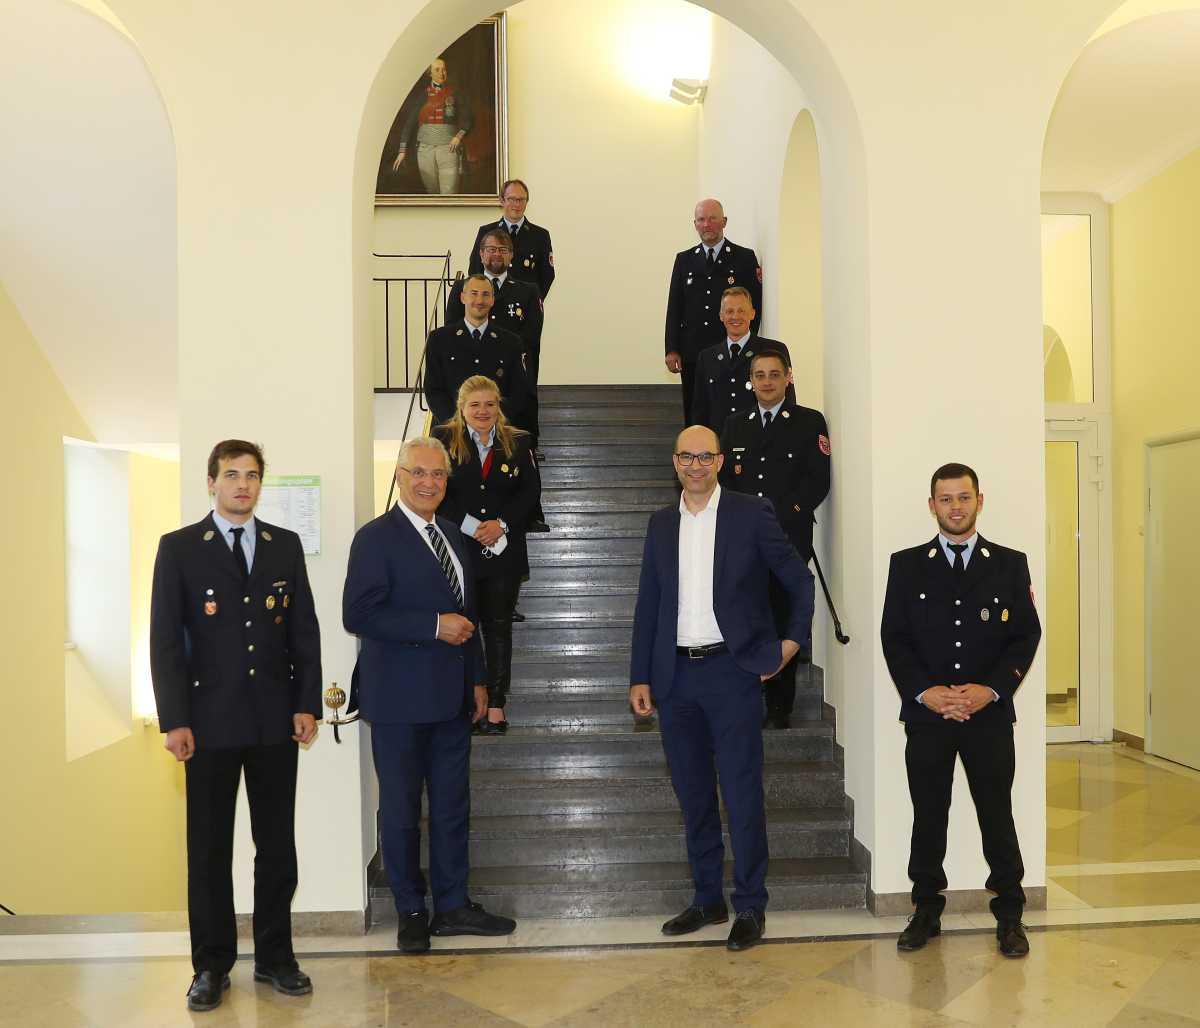 (c) Feuerwehr Denklingen: 15.06.21 - Besuch im Staatsministerium